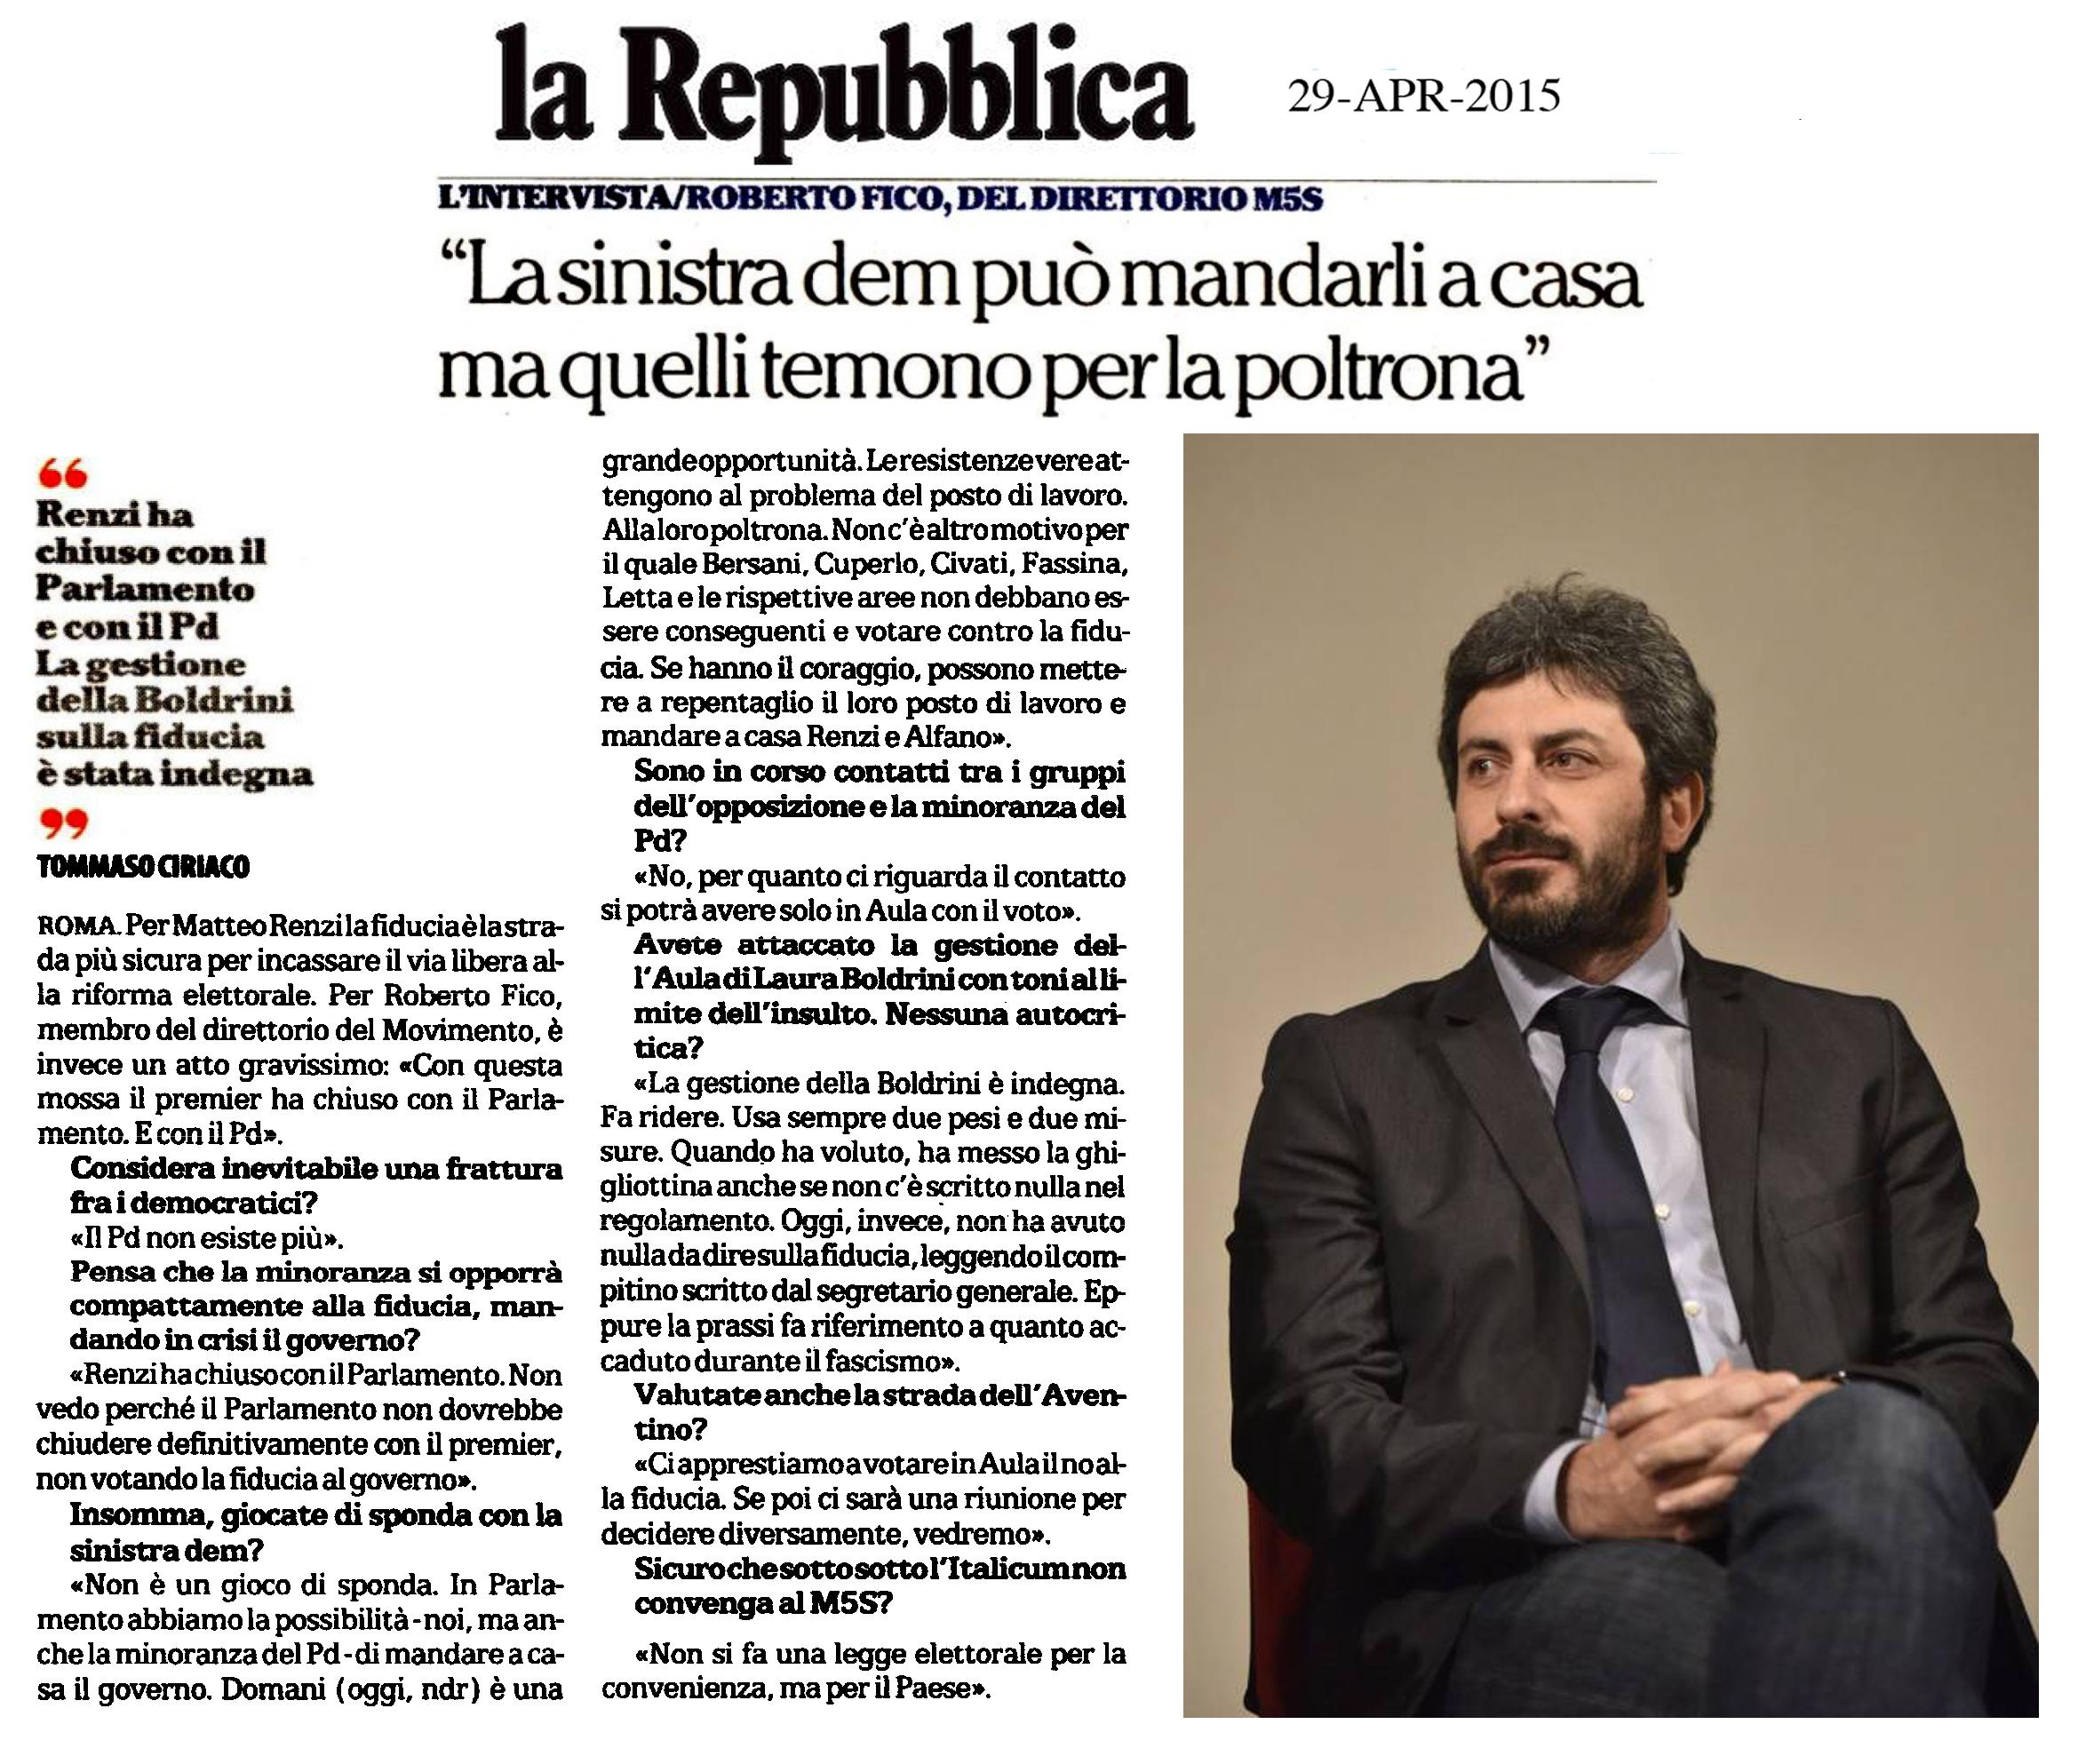 larepubblica_29-04-15